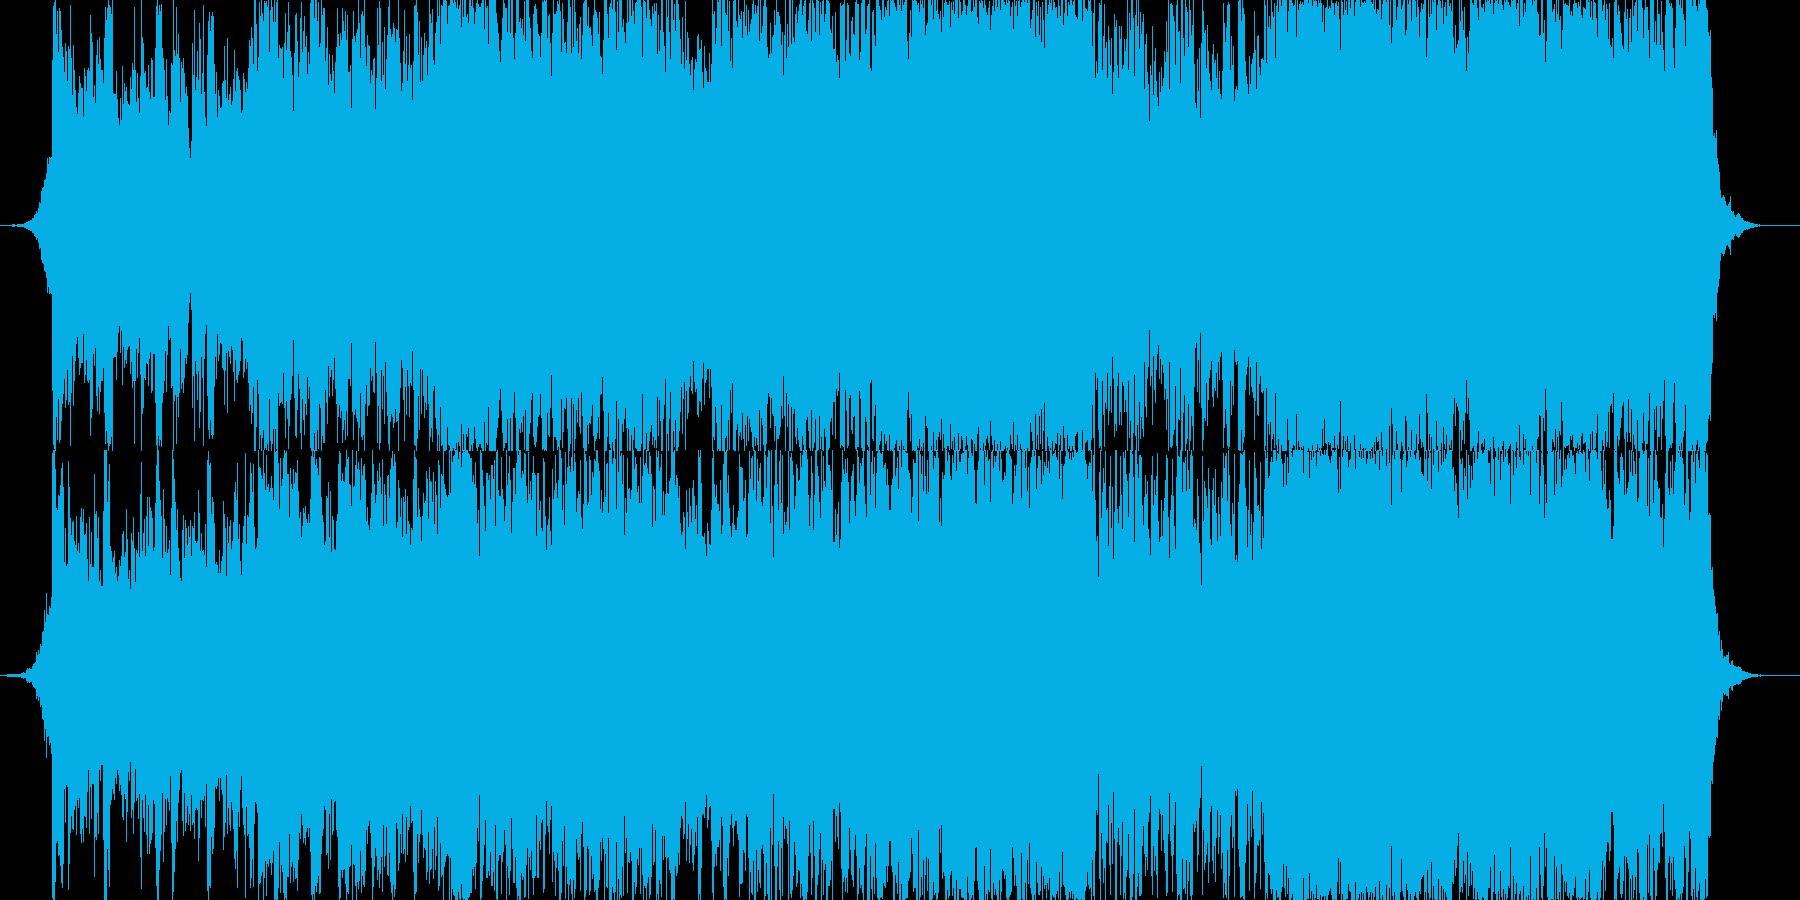 ハリウッド映画風のオーケストラの小品の再生済みの波形